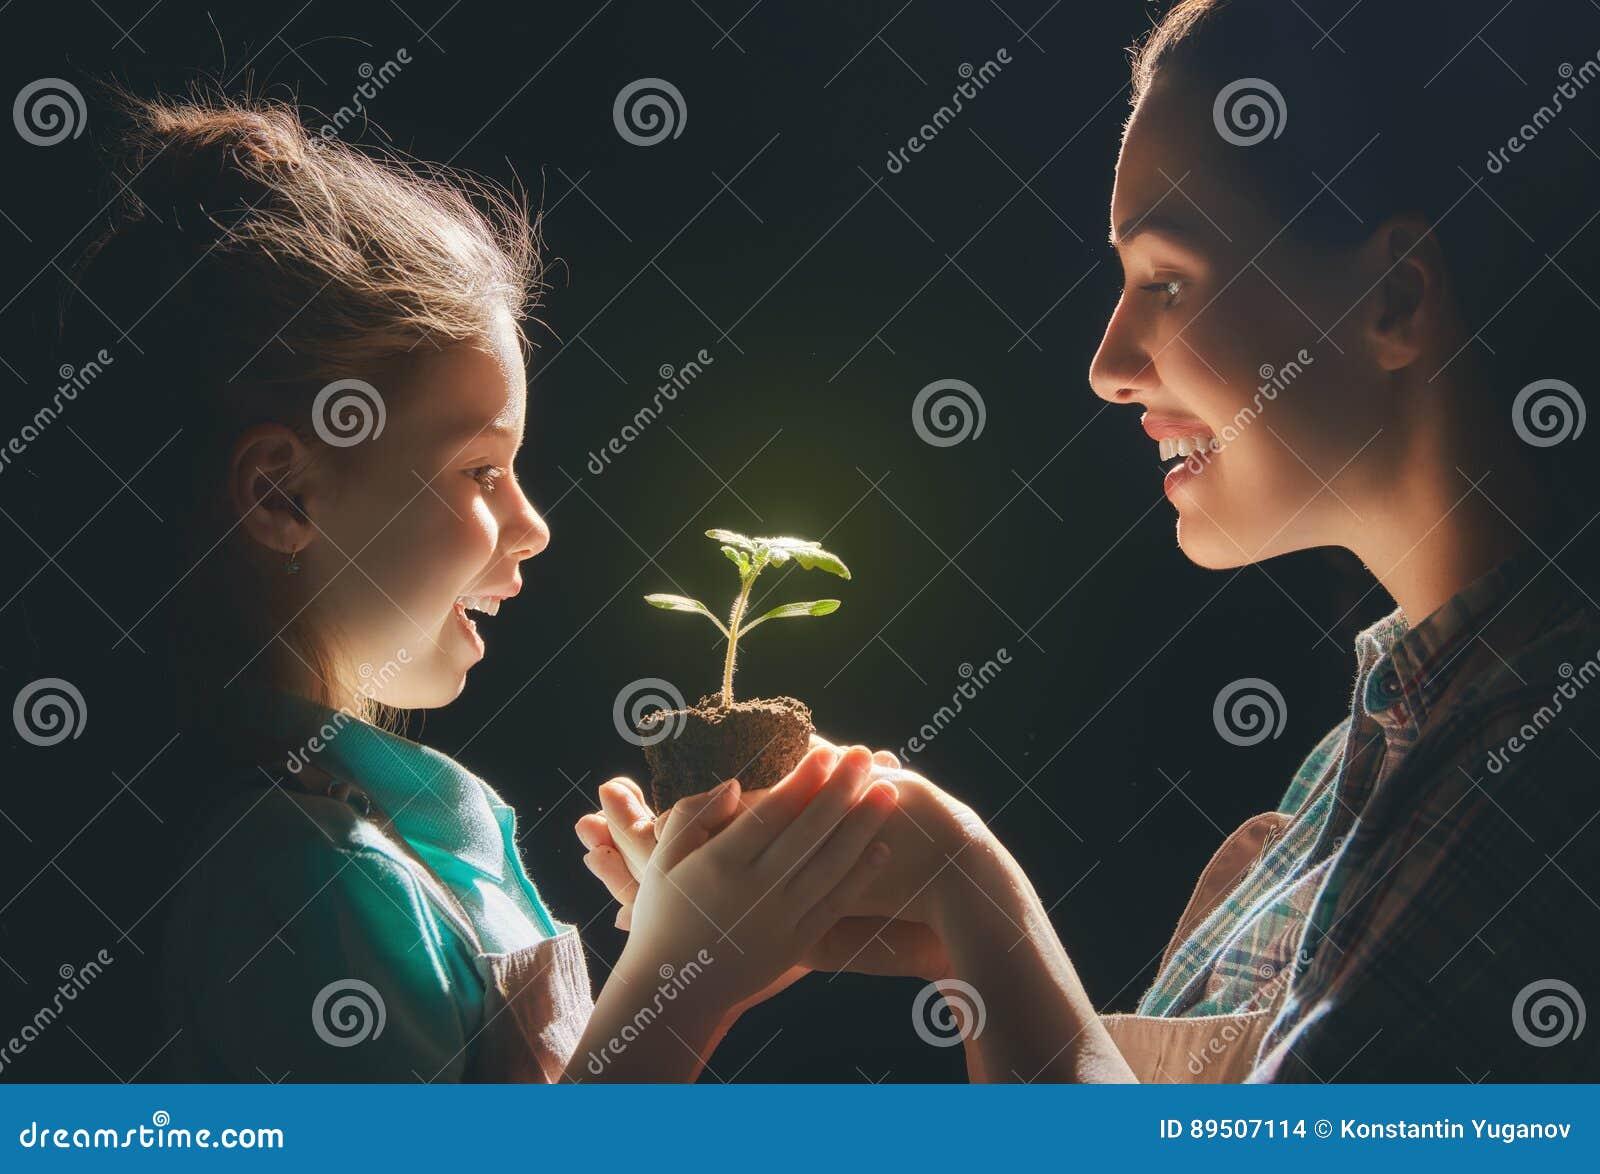 Взрослый и ребенок держа зеленый росток